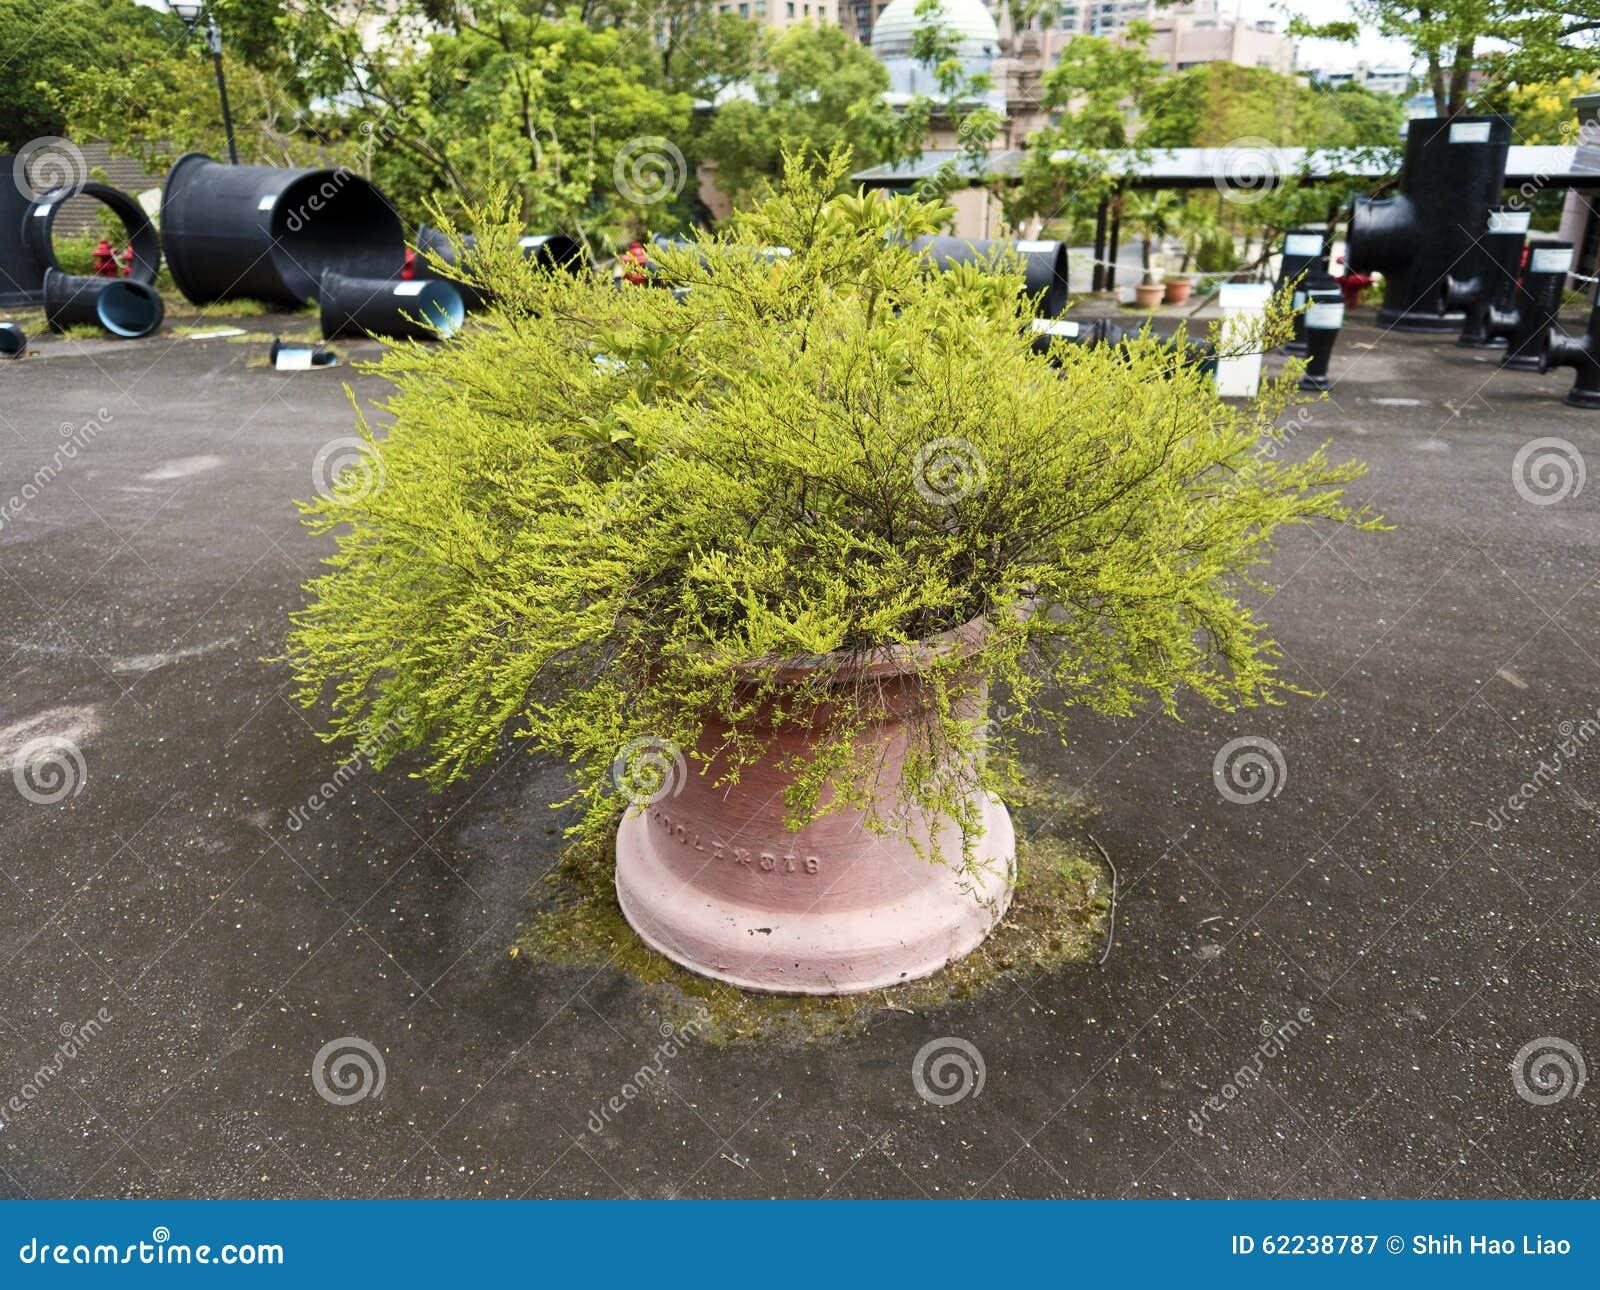 großer blumentopf auf dem boden stockbild - bild von flowerpot